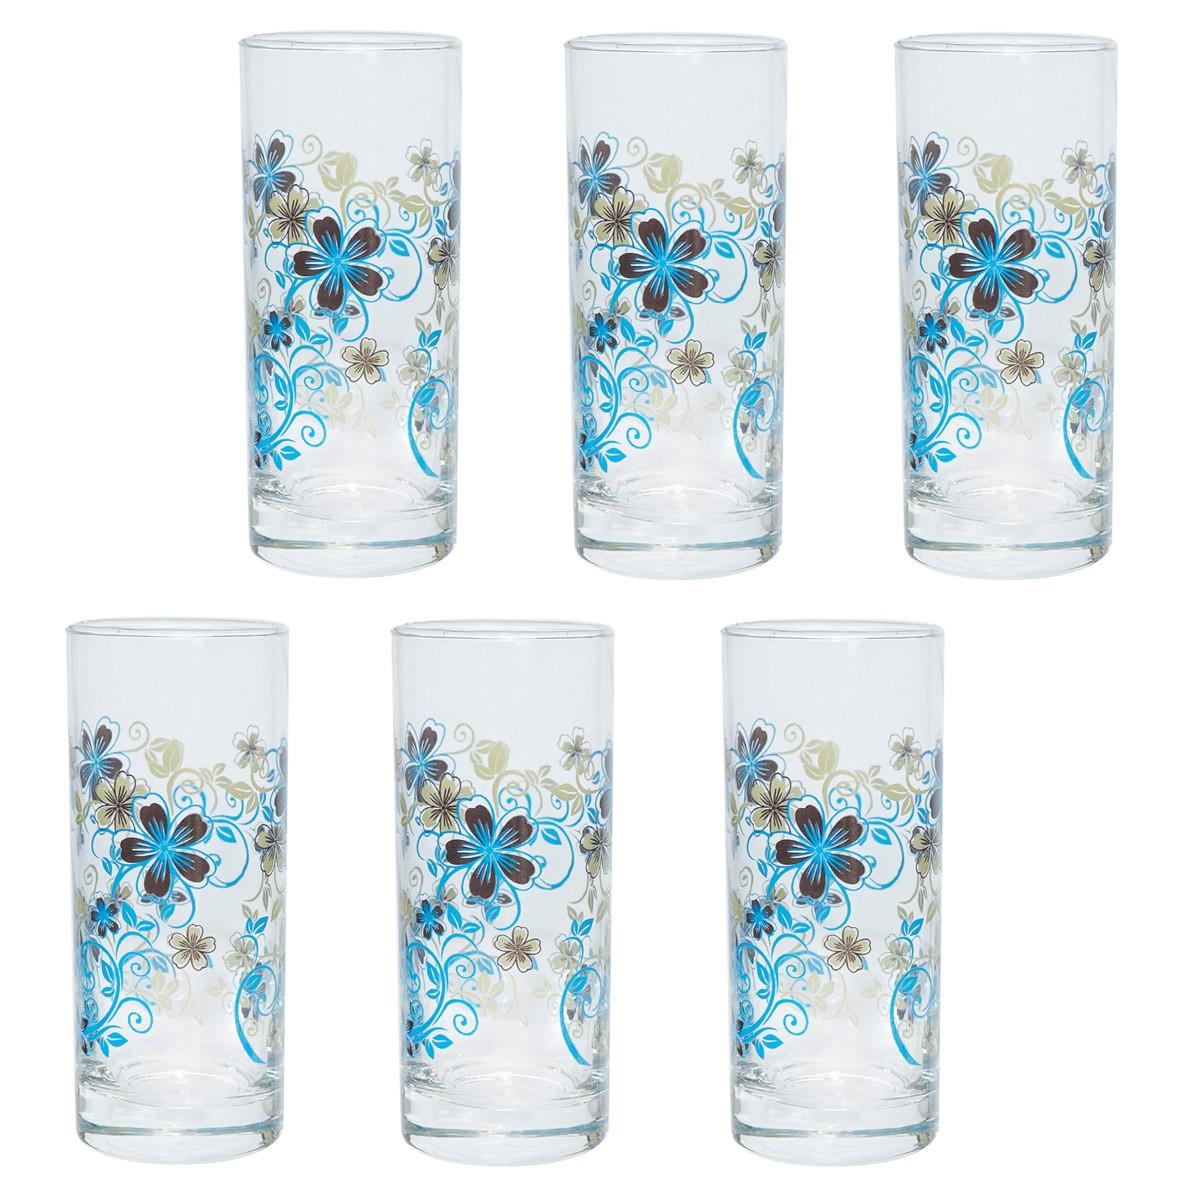 Ποτήρια Νερού (Σετ 6τμχ) Marva Blue Baroc 681009 home   κουζίνα   τραπεζαρία   ποτήρια